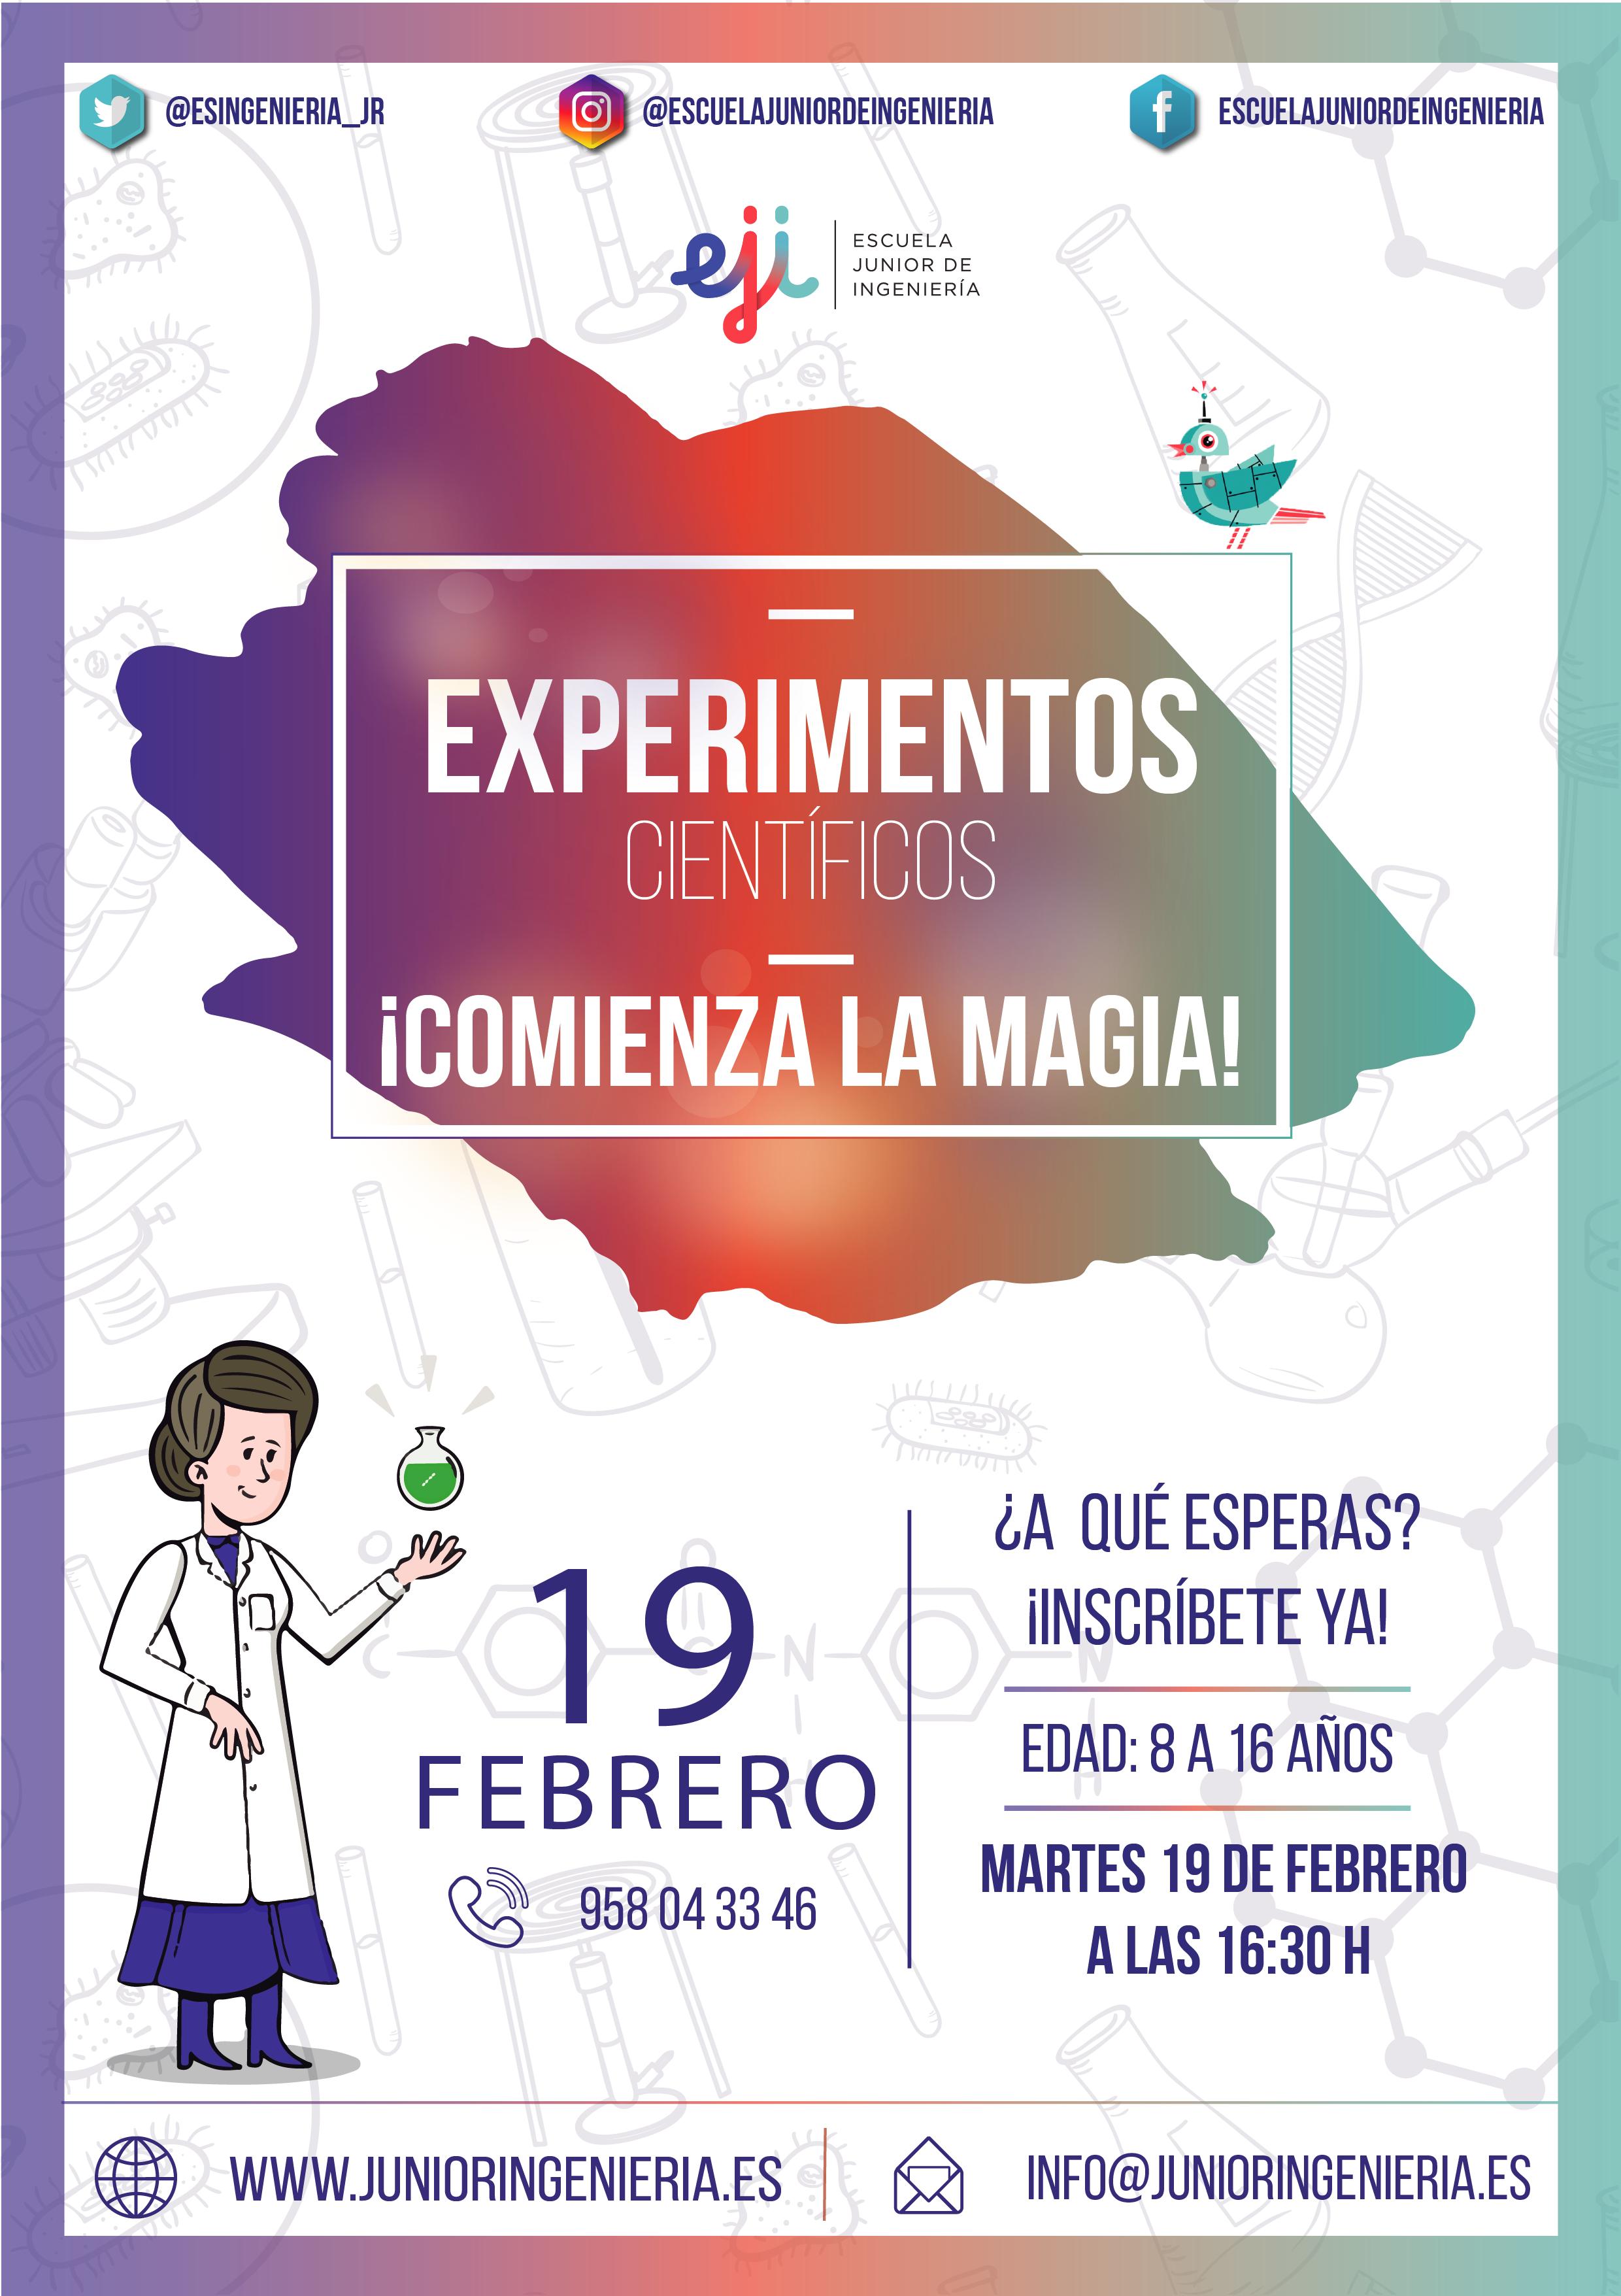 Taller experimentos científicos para niños Granada